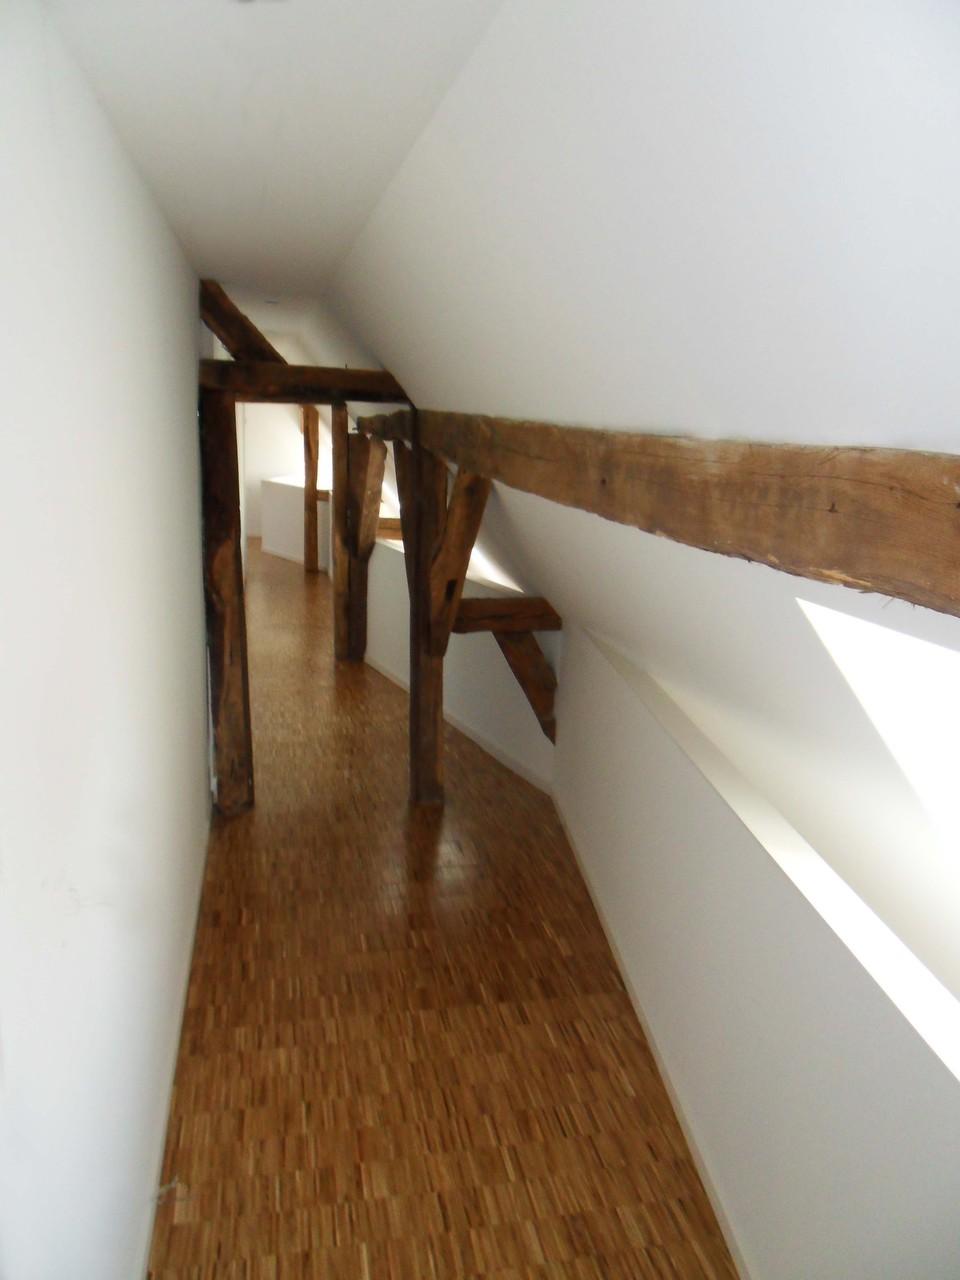 Des fenêtres de toit ont été ajoutées et éclairent à la fois l'étage et le rez-de-chaussée.